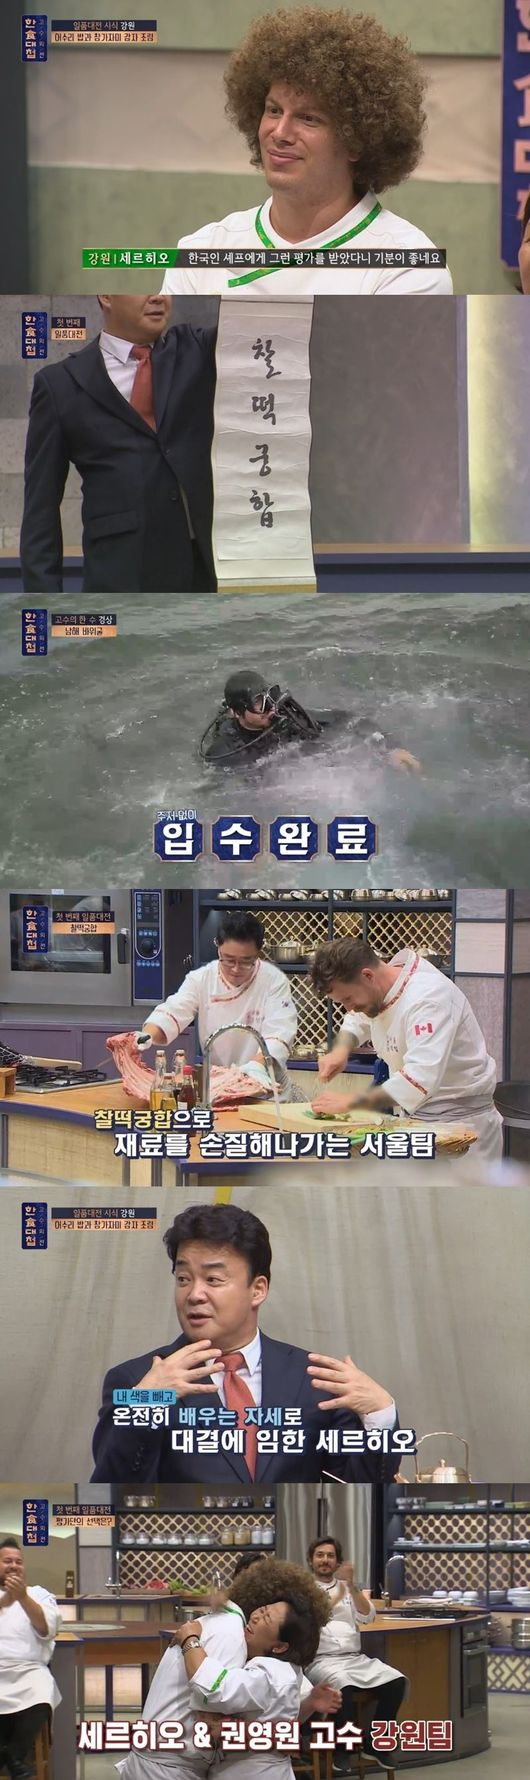 한식대첩-고수외전첫 우승은 찰떡궁합완수한 세르히오